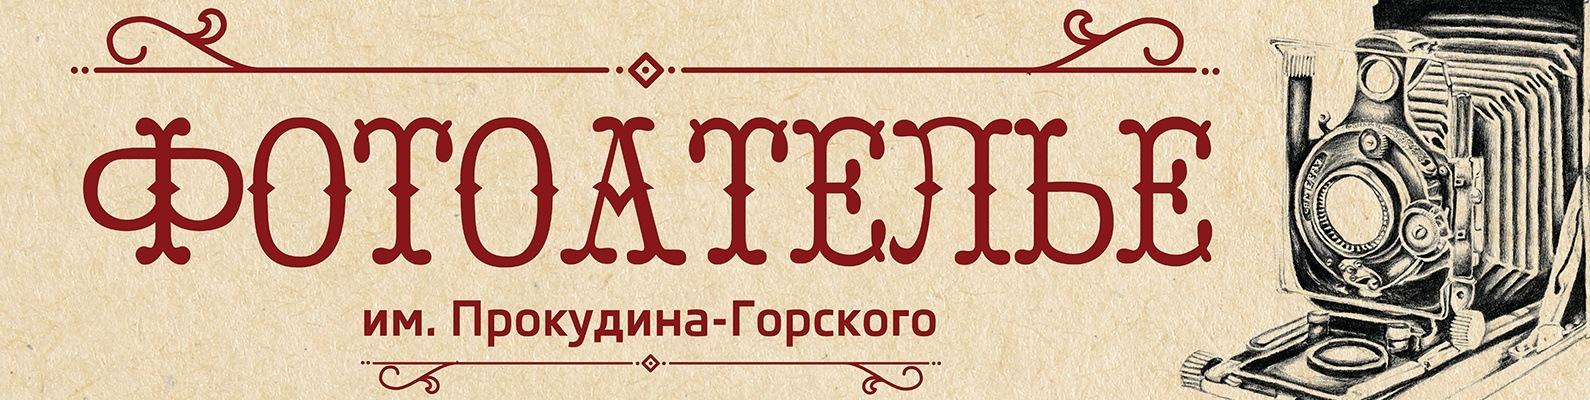 Фотоателье им. Прокудина-Горского